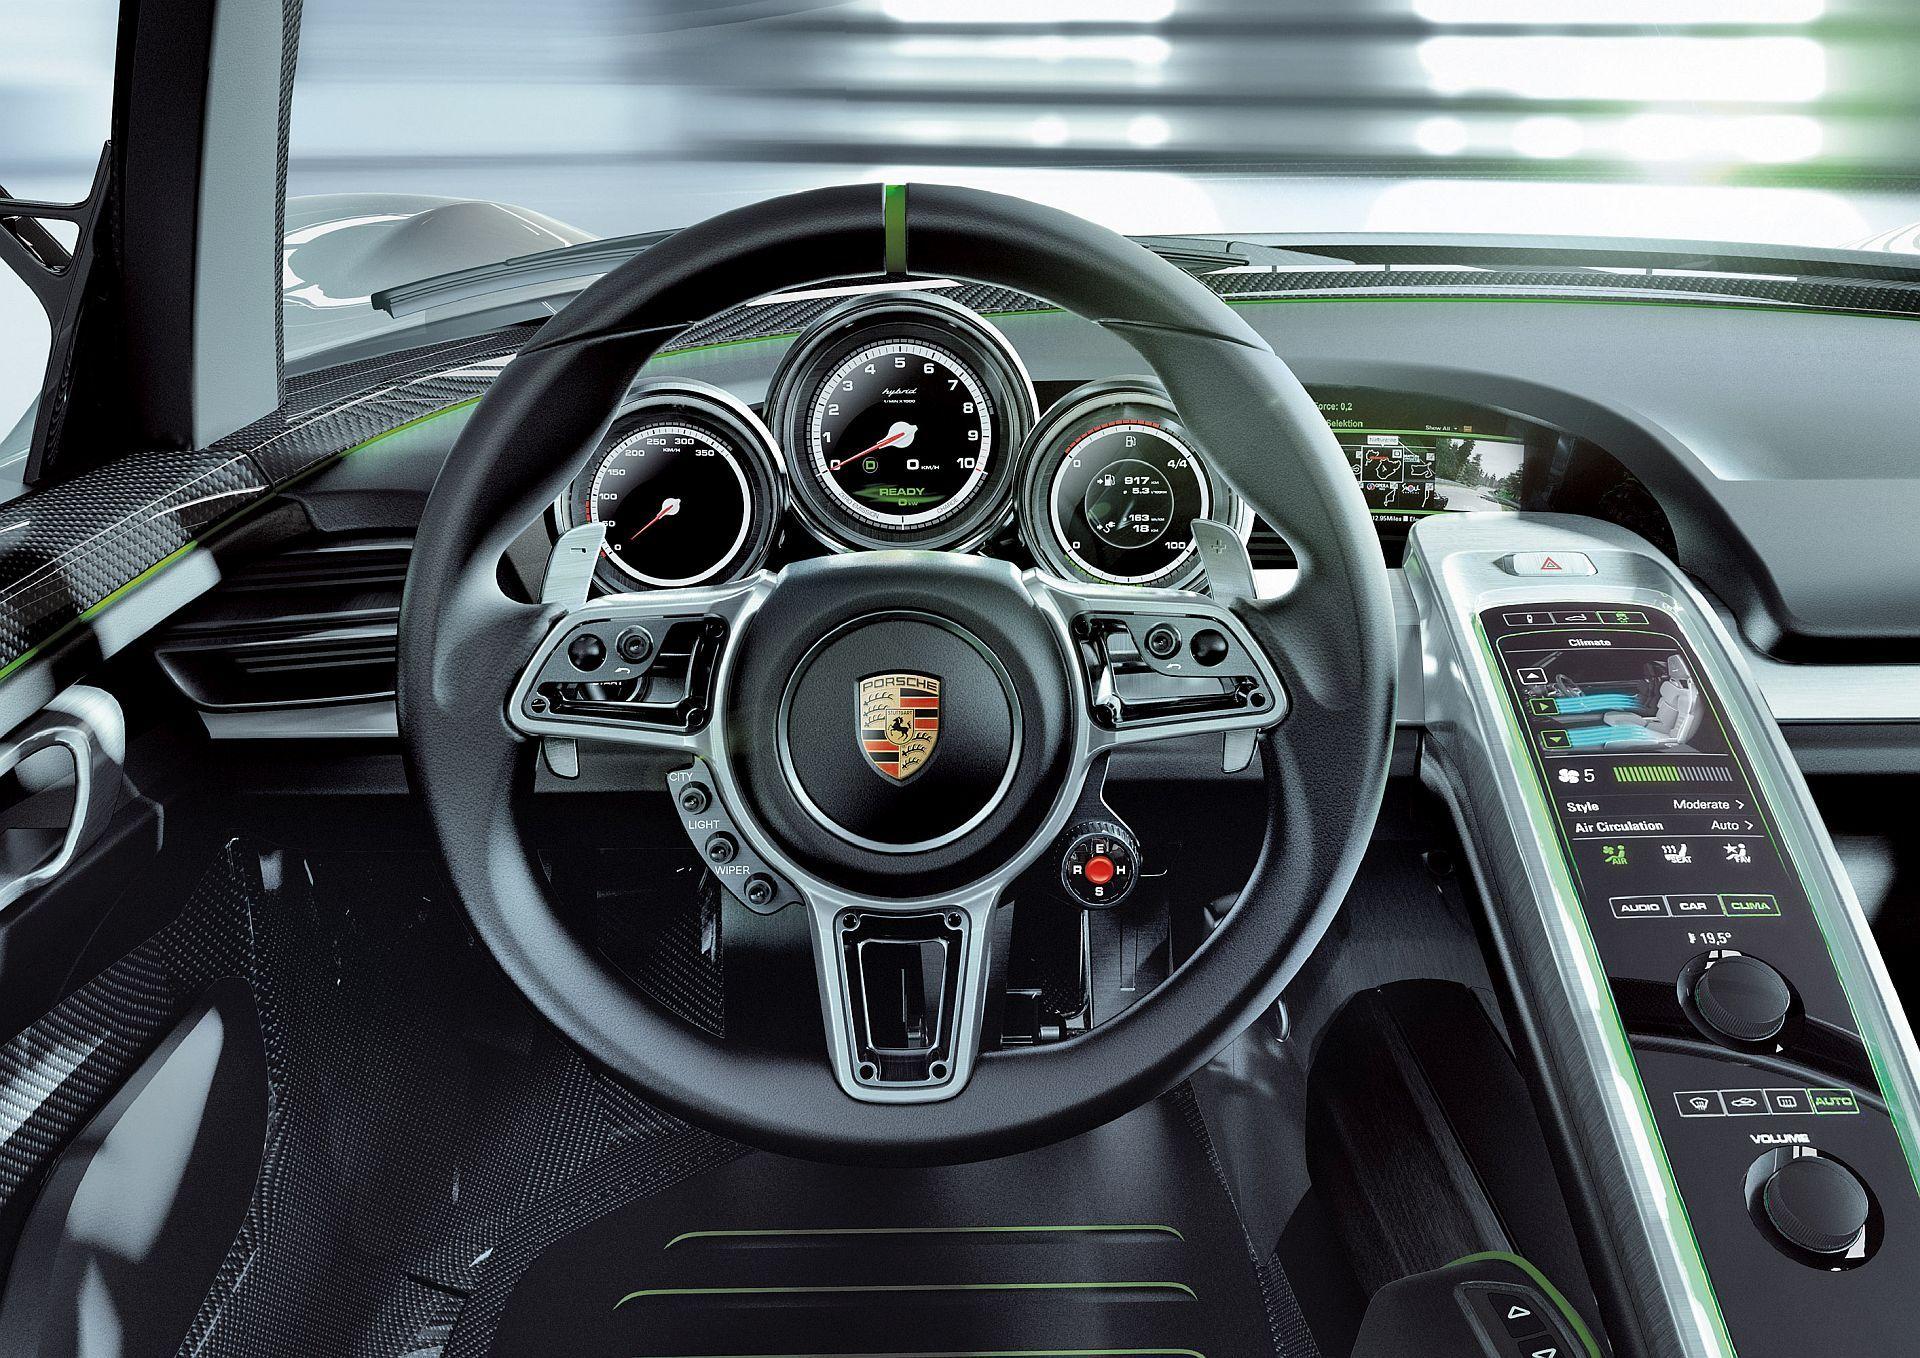 Image Result For Porsche 918 Spyder Price In South Africa Porsche 918 Porsche Carrera Gt Porsche